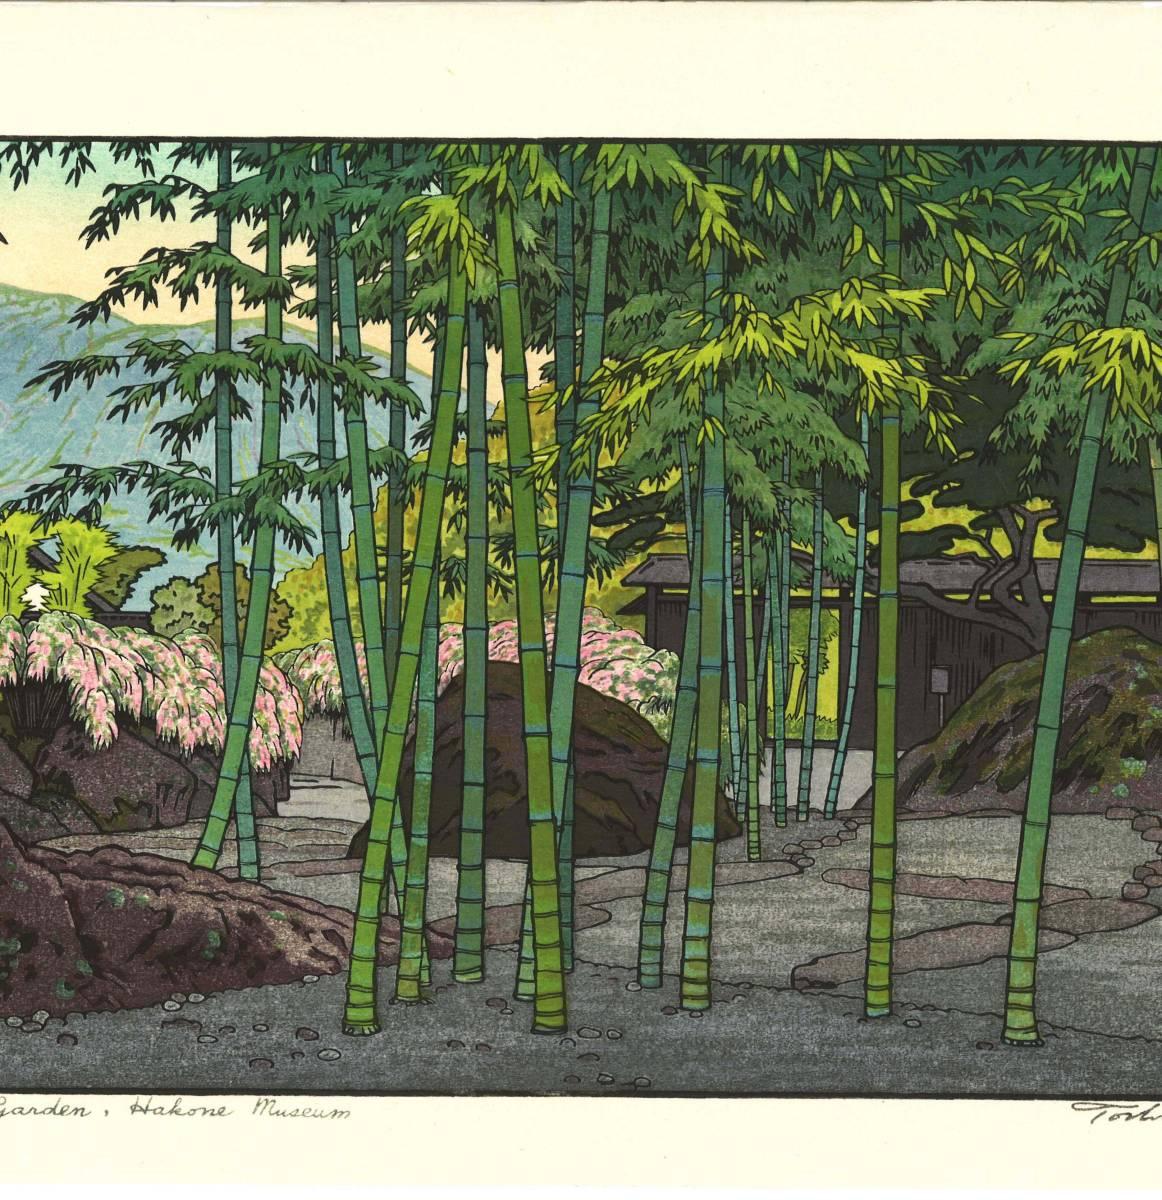 吉田遠志 木版画 015402 箱根神仙郷 竹のお庭 (Bamboo Garden,Hakone Museum) 初摺1954年  最高峰の摺師の技をご堪能下さい!!_画像4